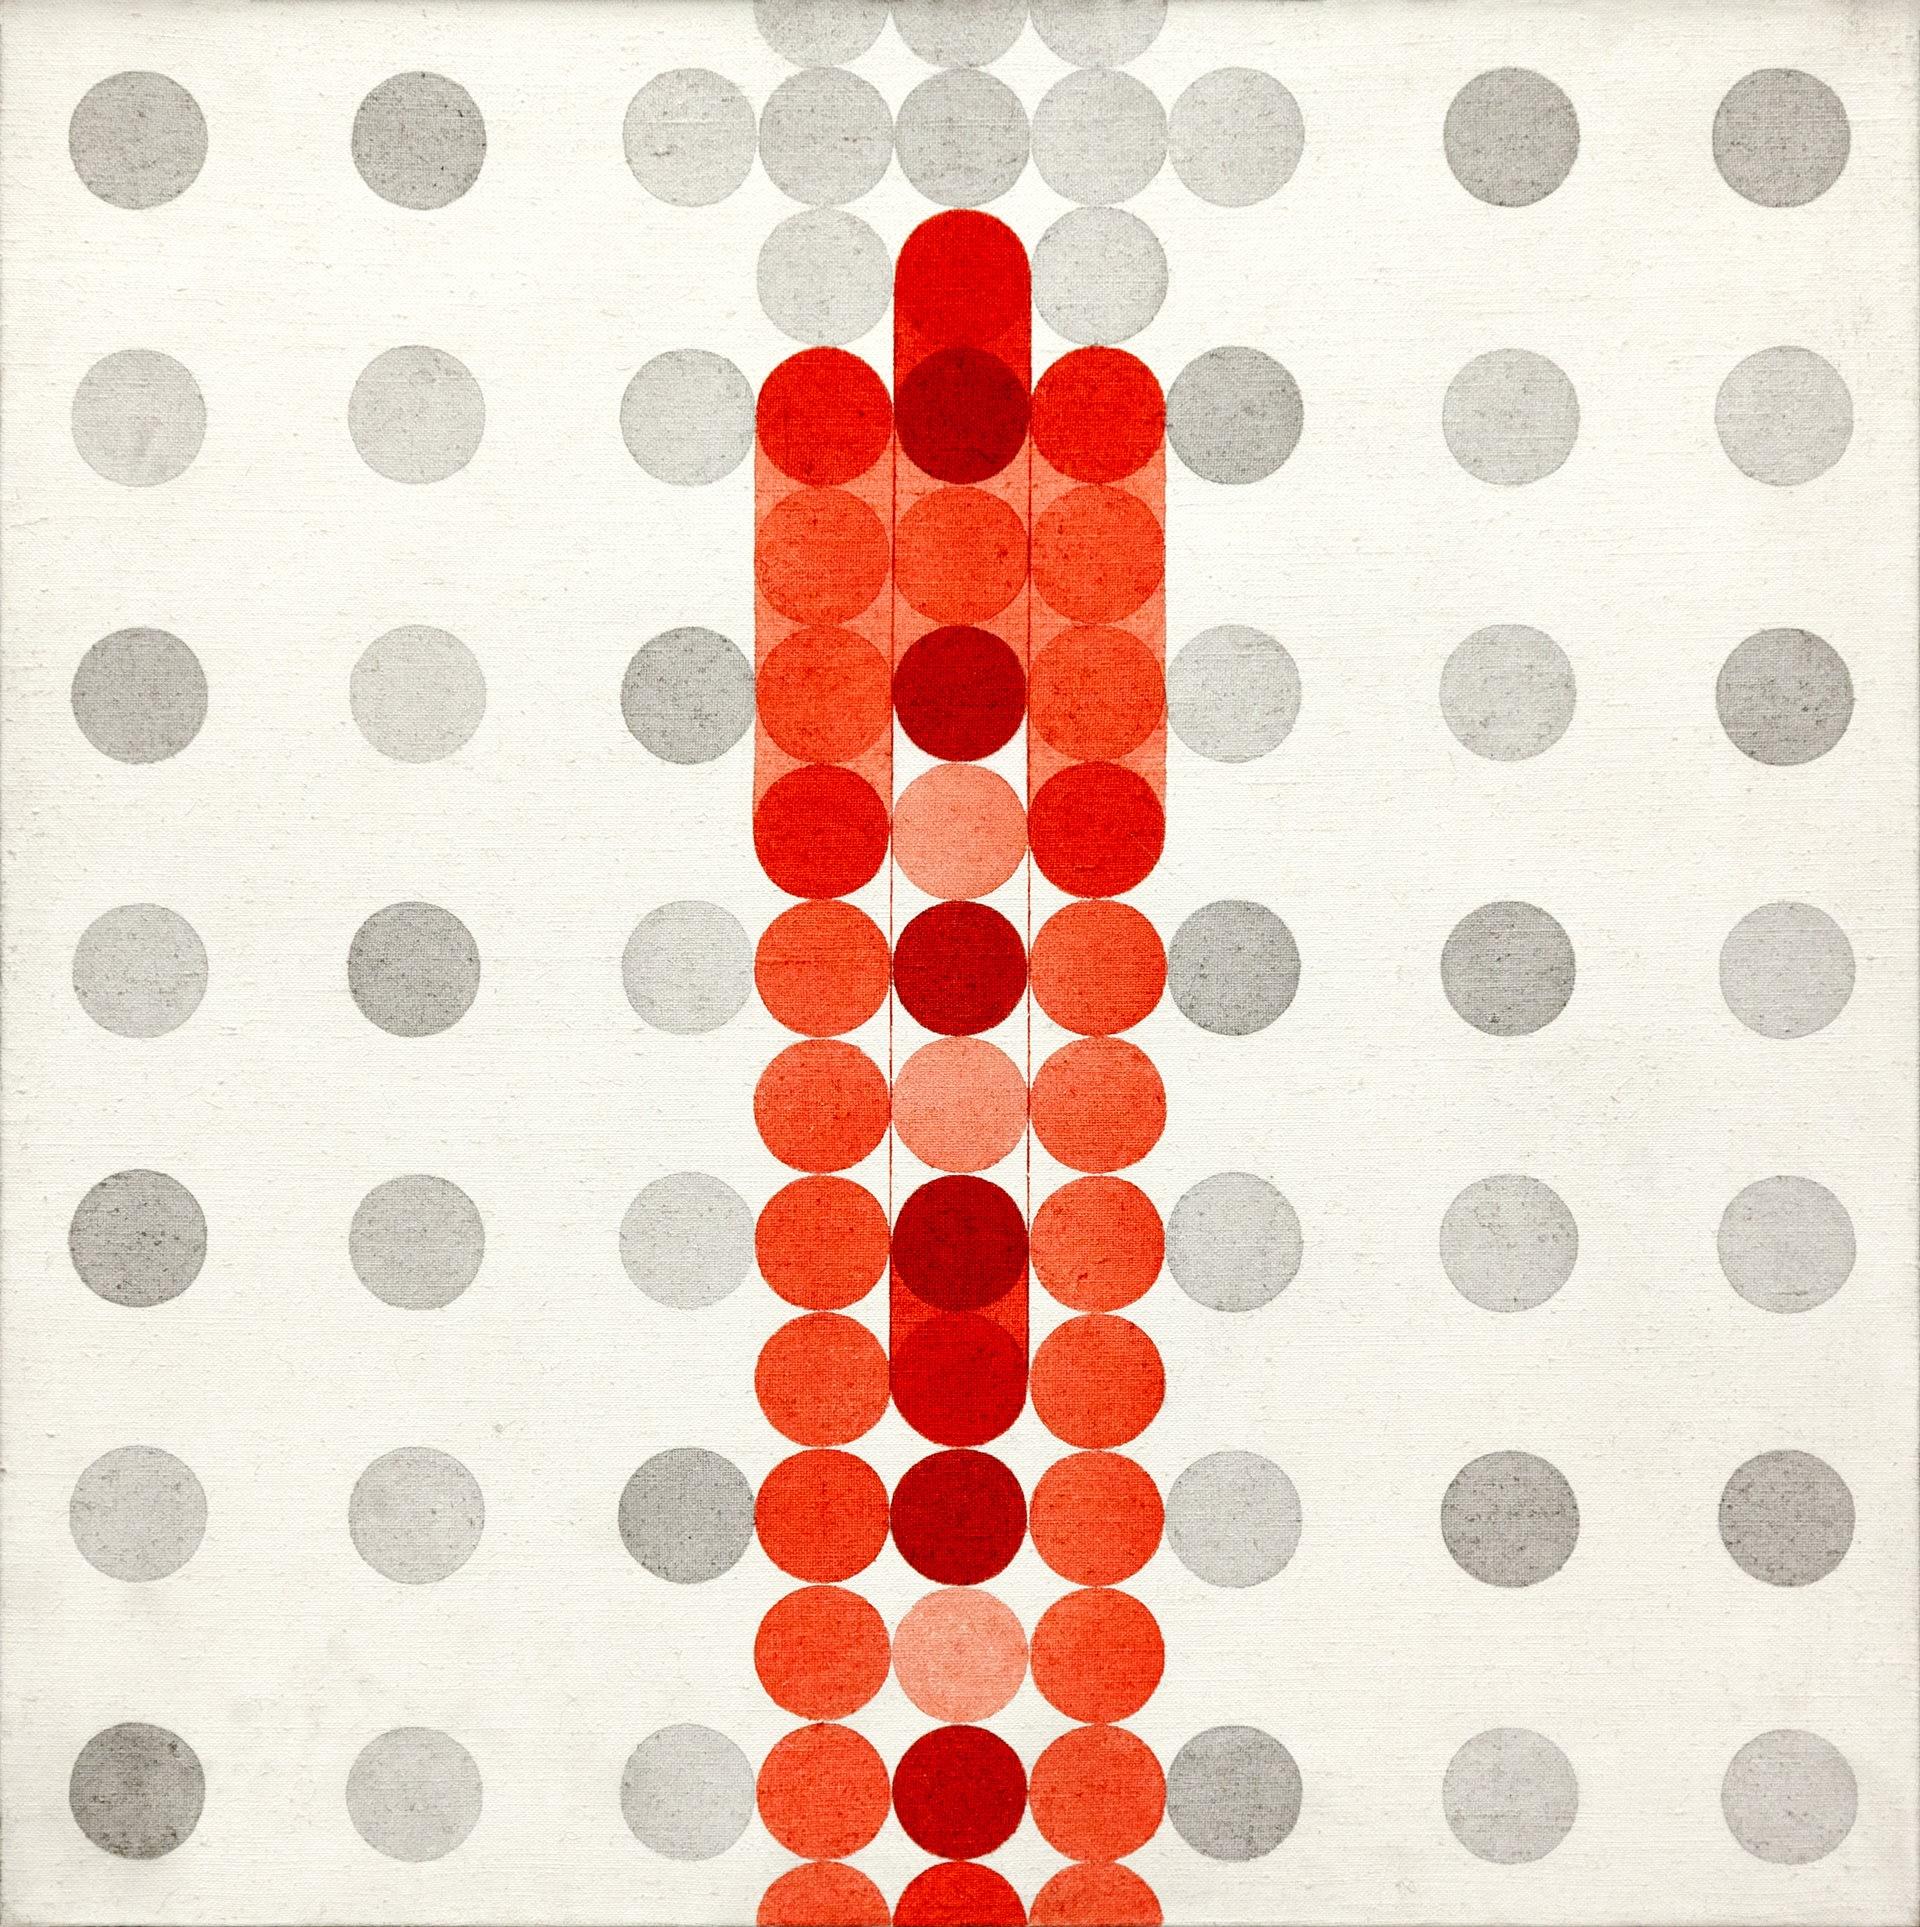 1969, Seriale elementi scorrevoli,acrilico su tela